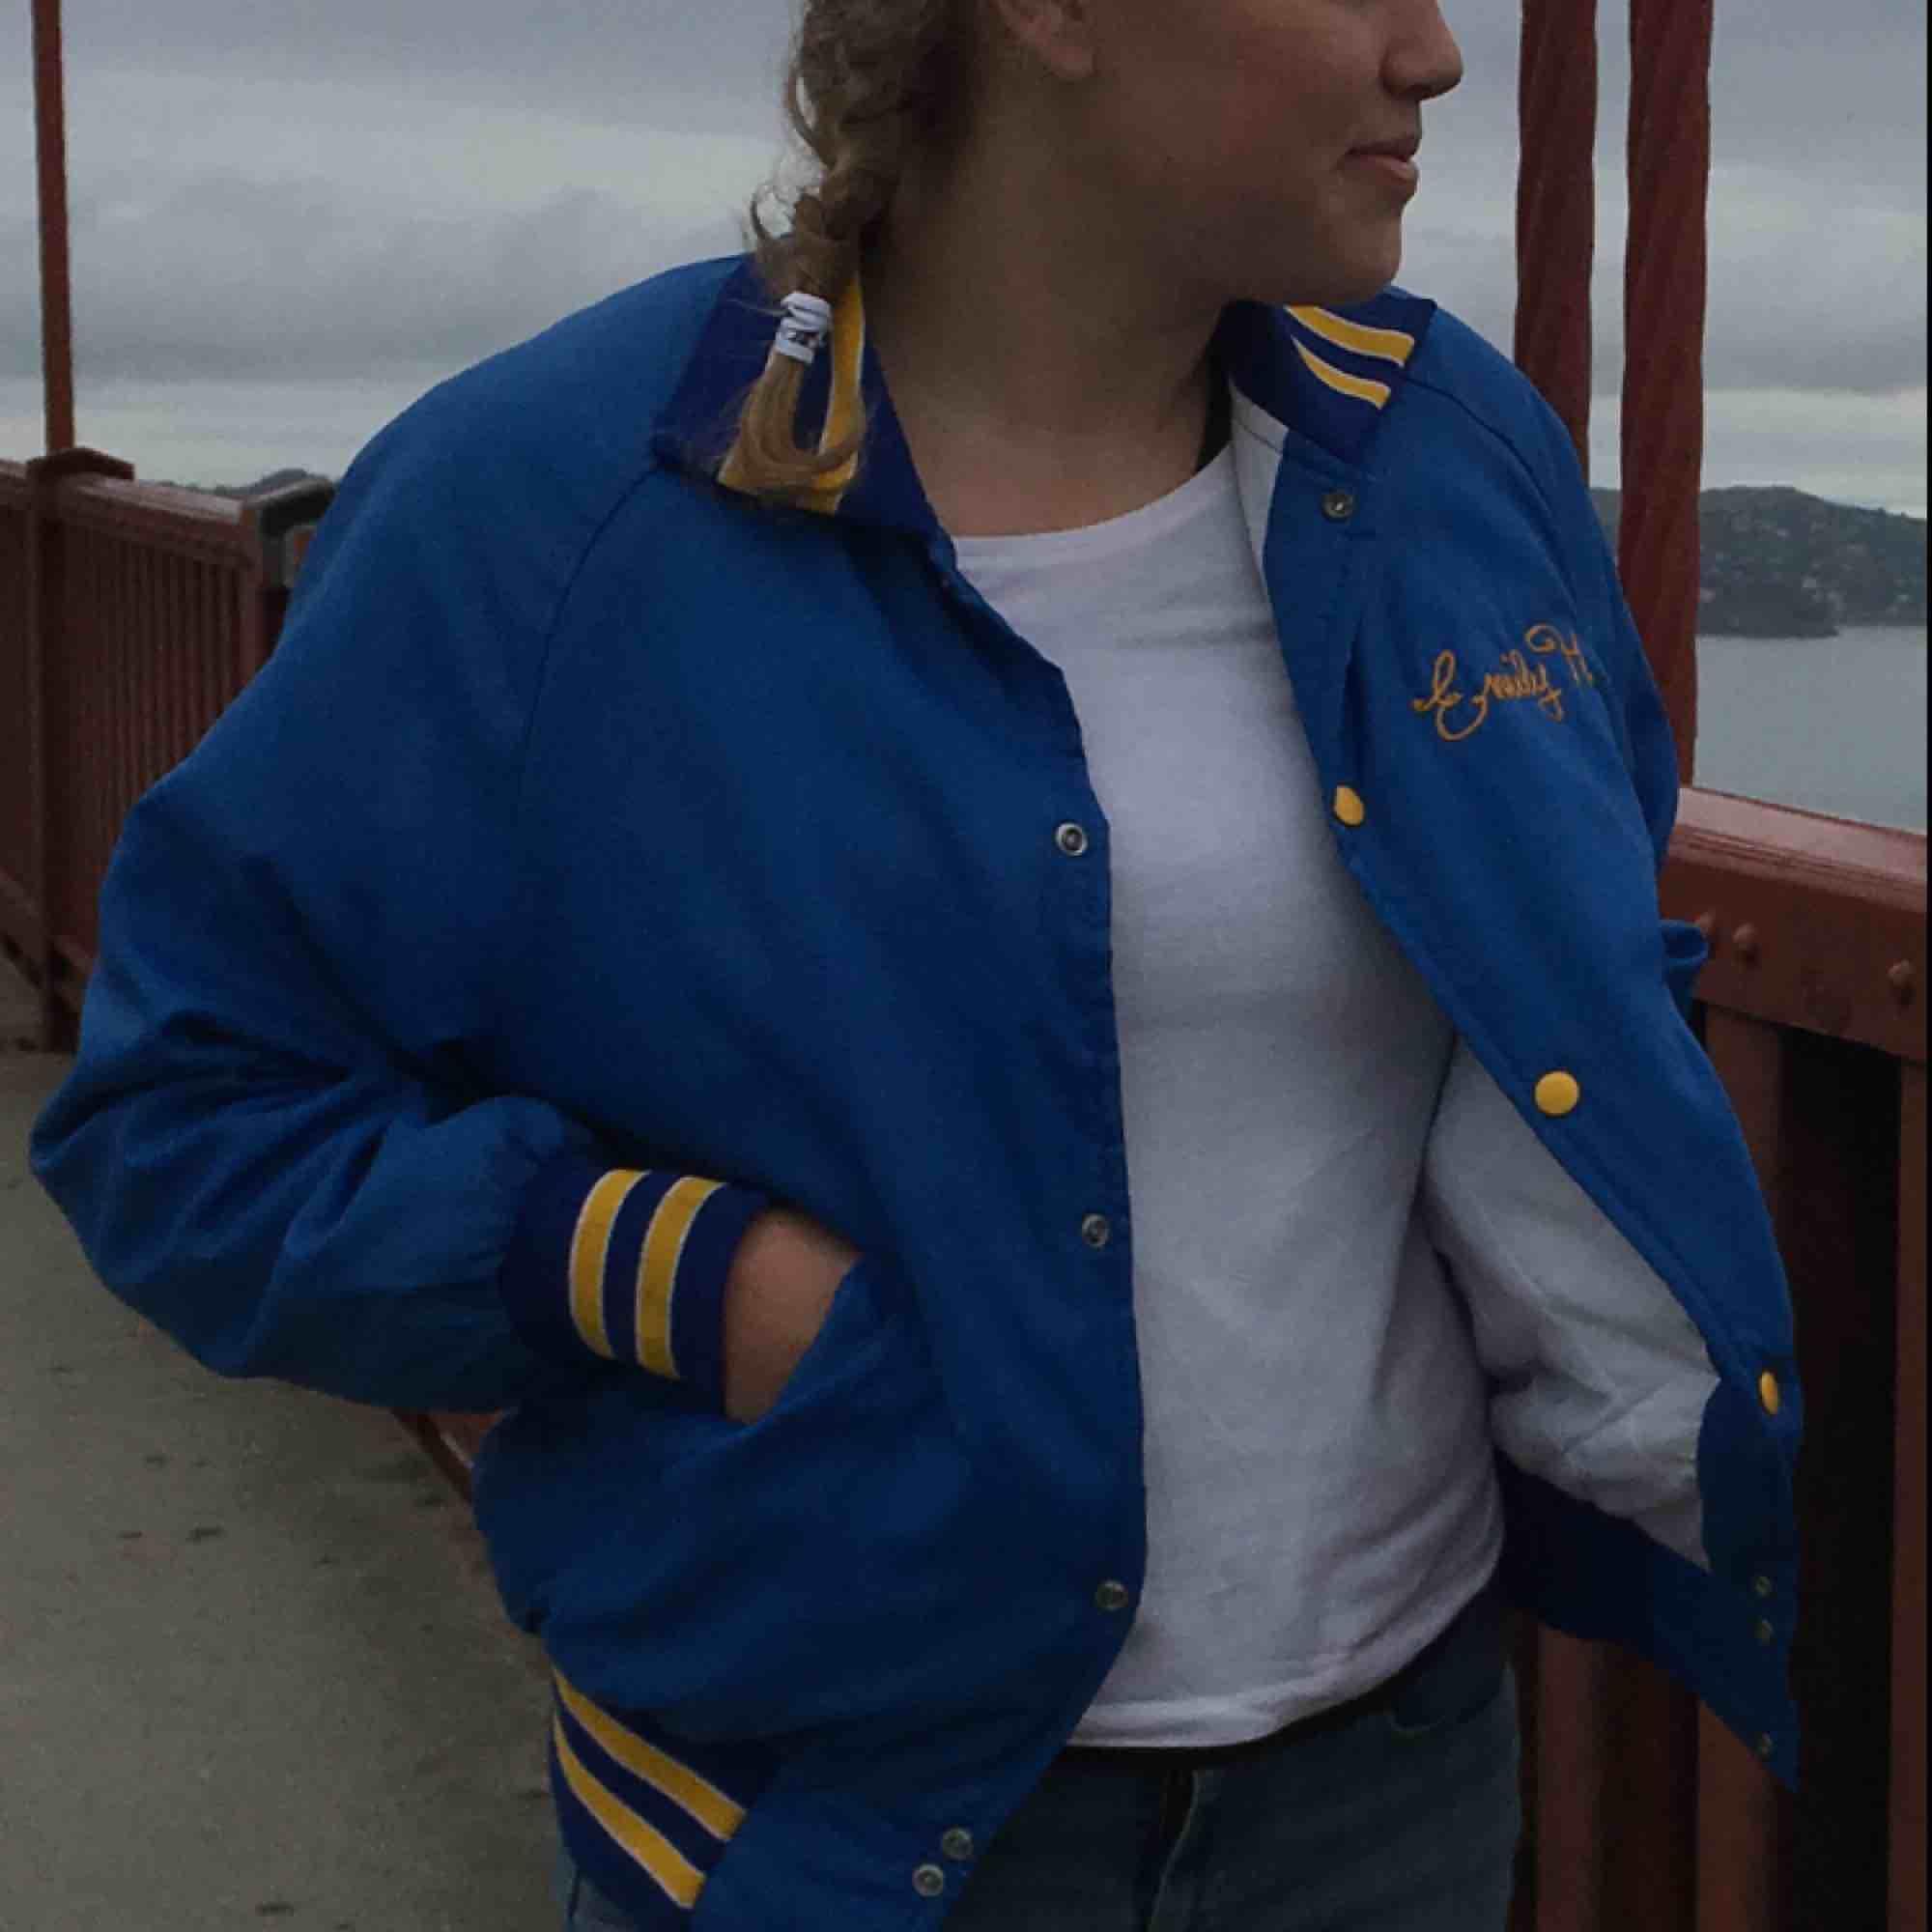 Vintage Amerikansk High School jacka för troligtvis sportlag med namnet Emily H. på bröstet. Köpt på vintage butik på Venice Beach. Storlek small men mer som medium. Fin kvalité, bomberjacka fit.. Jackor.